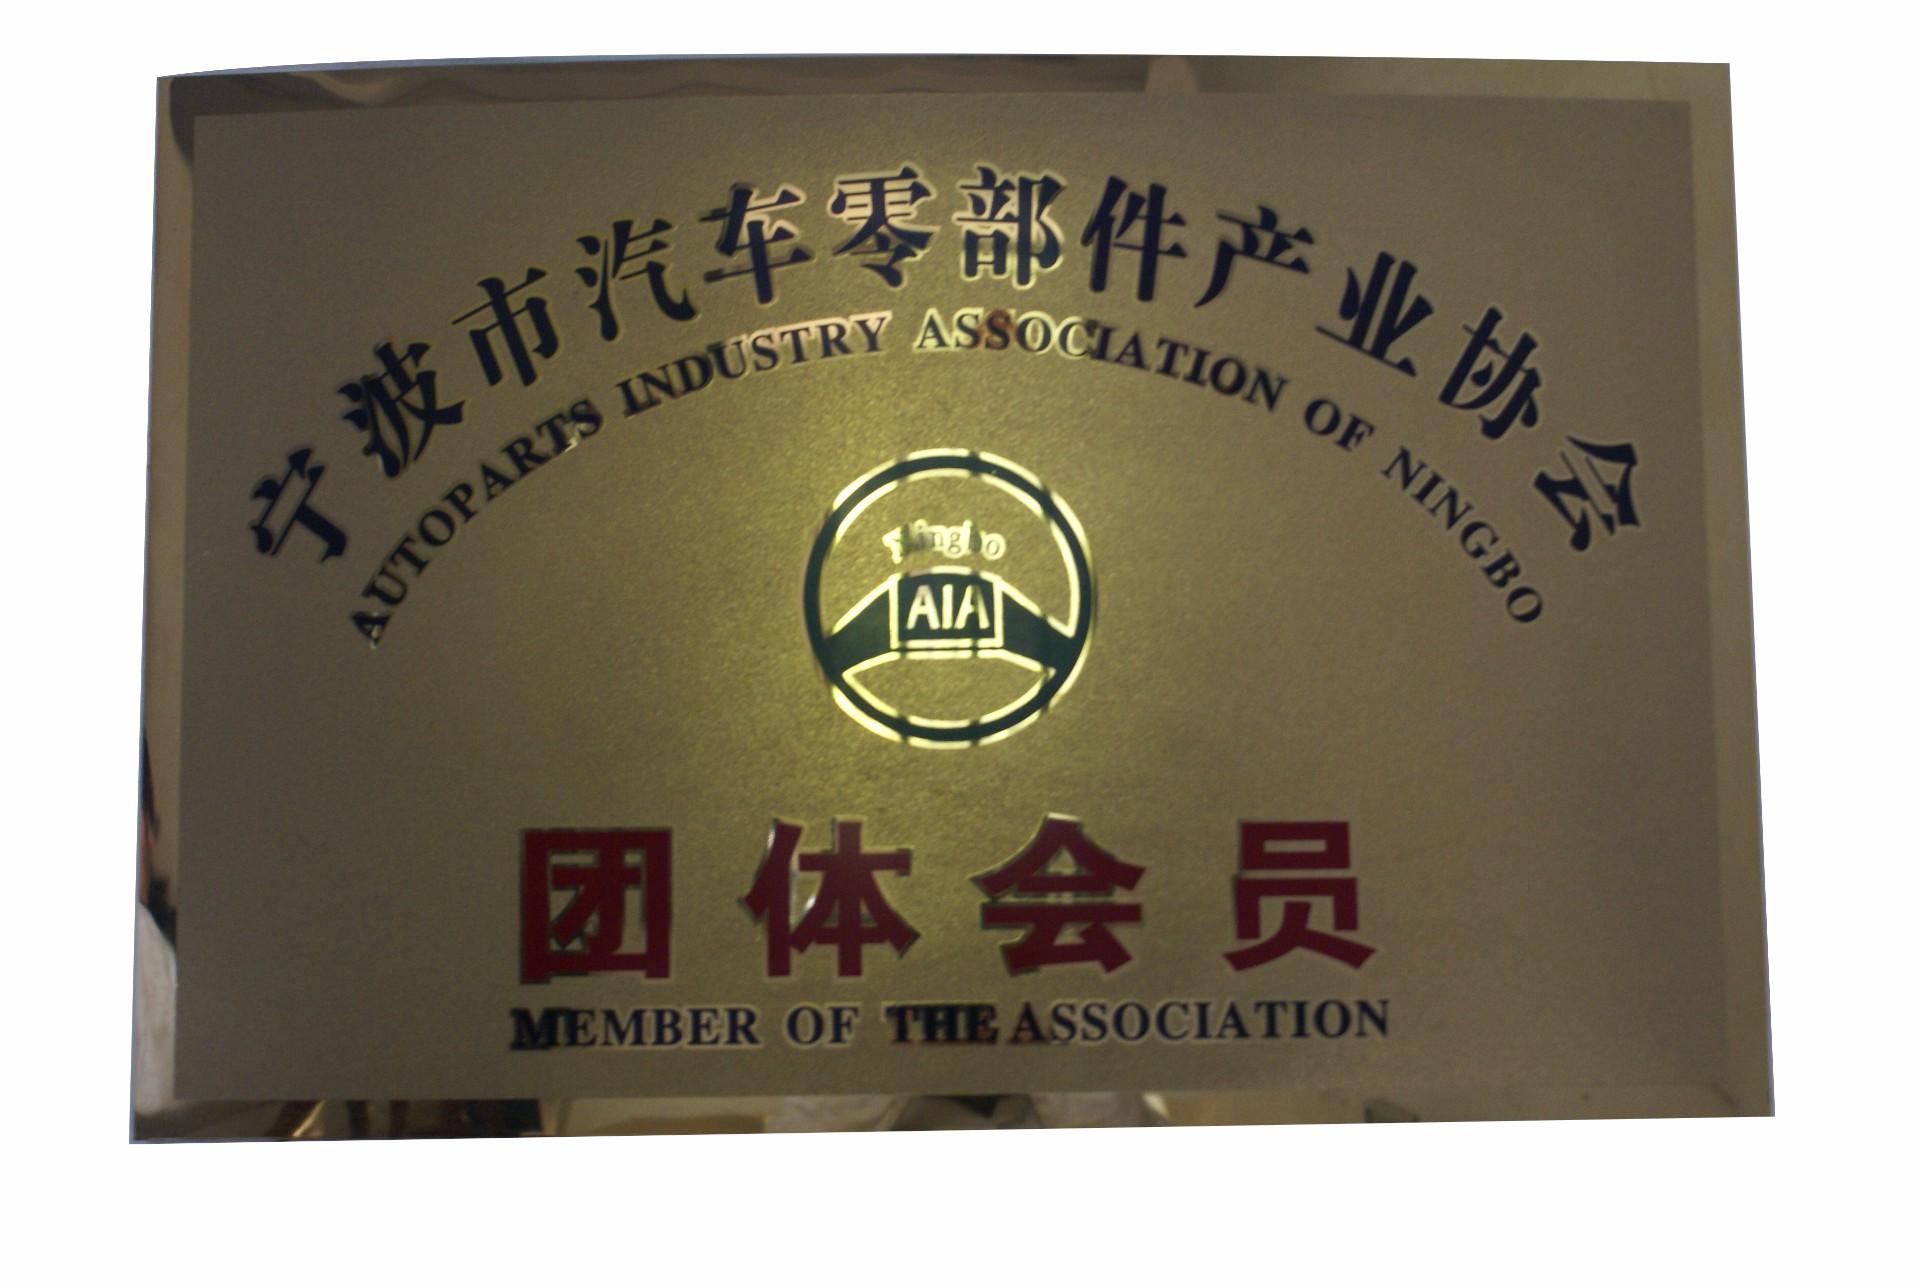 宁波市汽车零部件协会团体会员